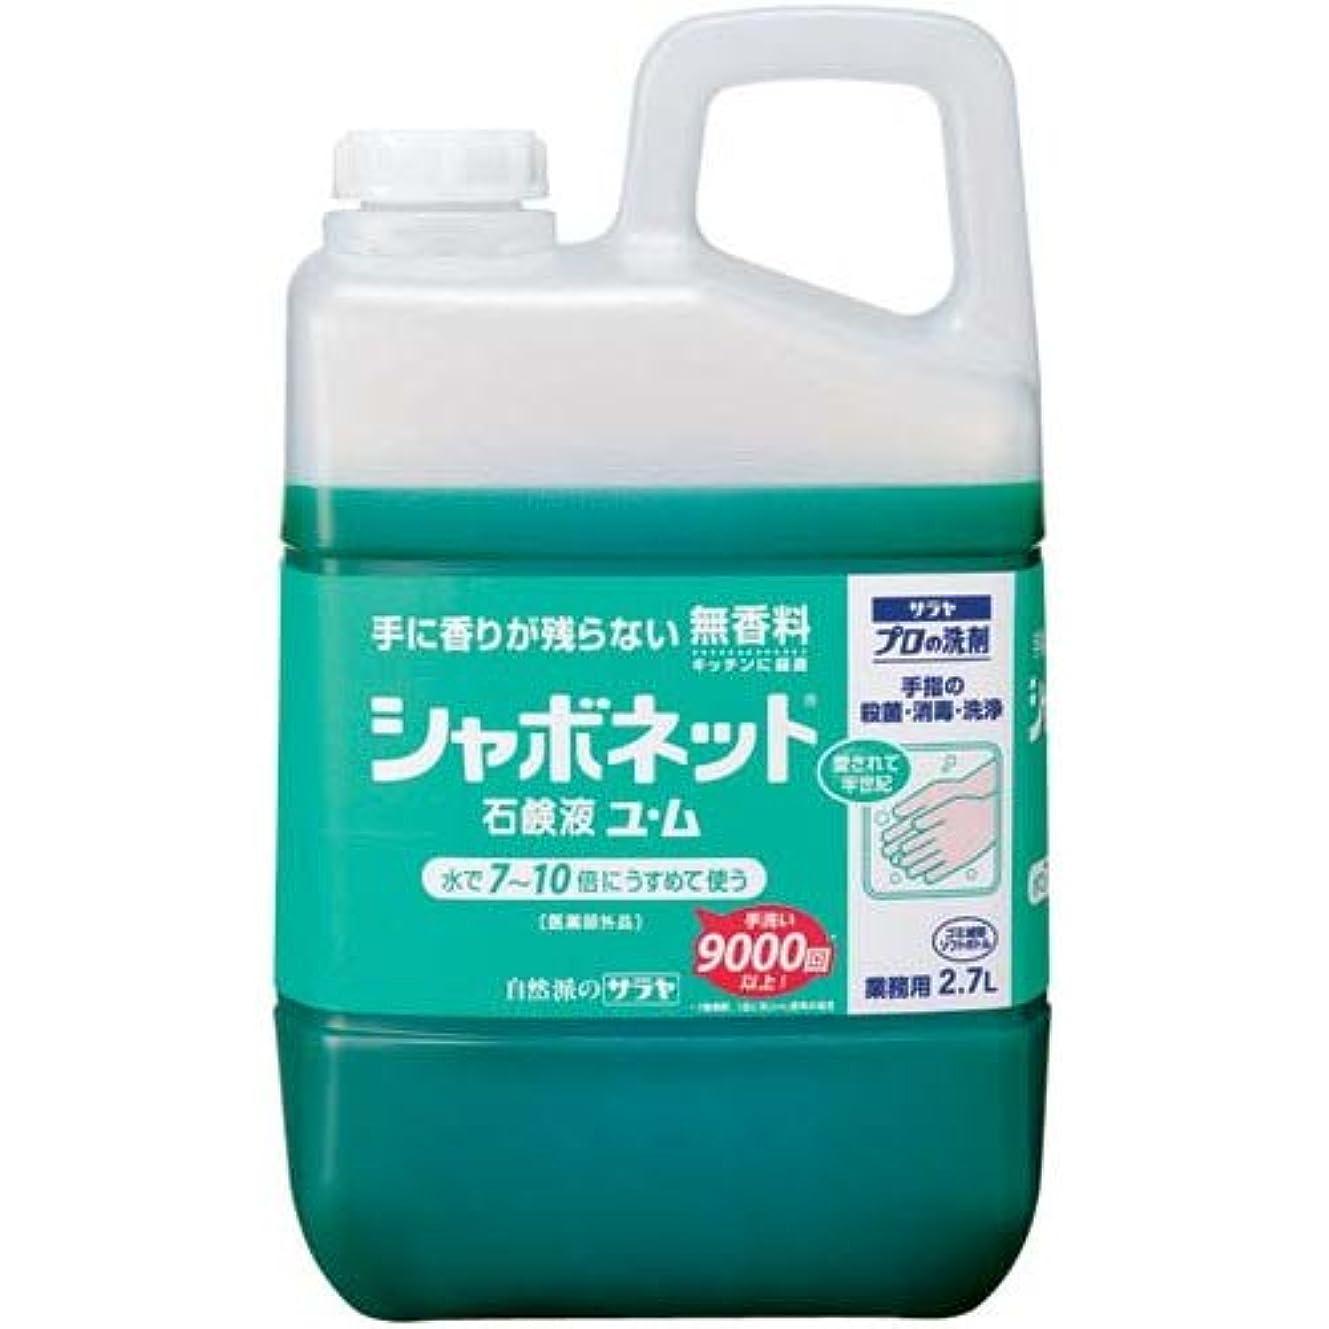 ふくろう香港枕サラヤ シャボネット石鹸液ユ?ム 2.7L×3本